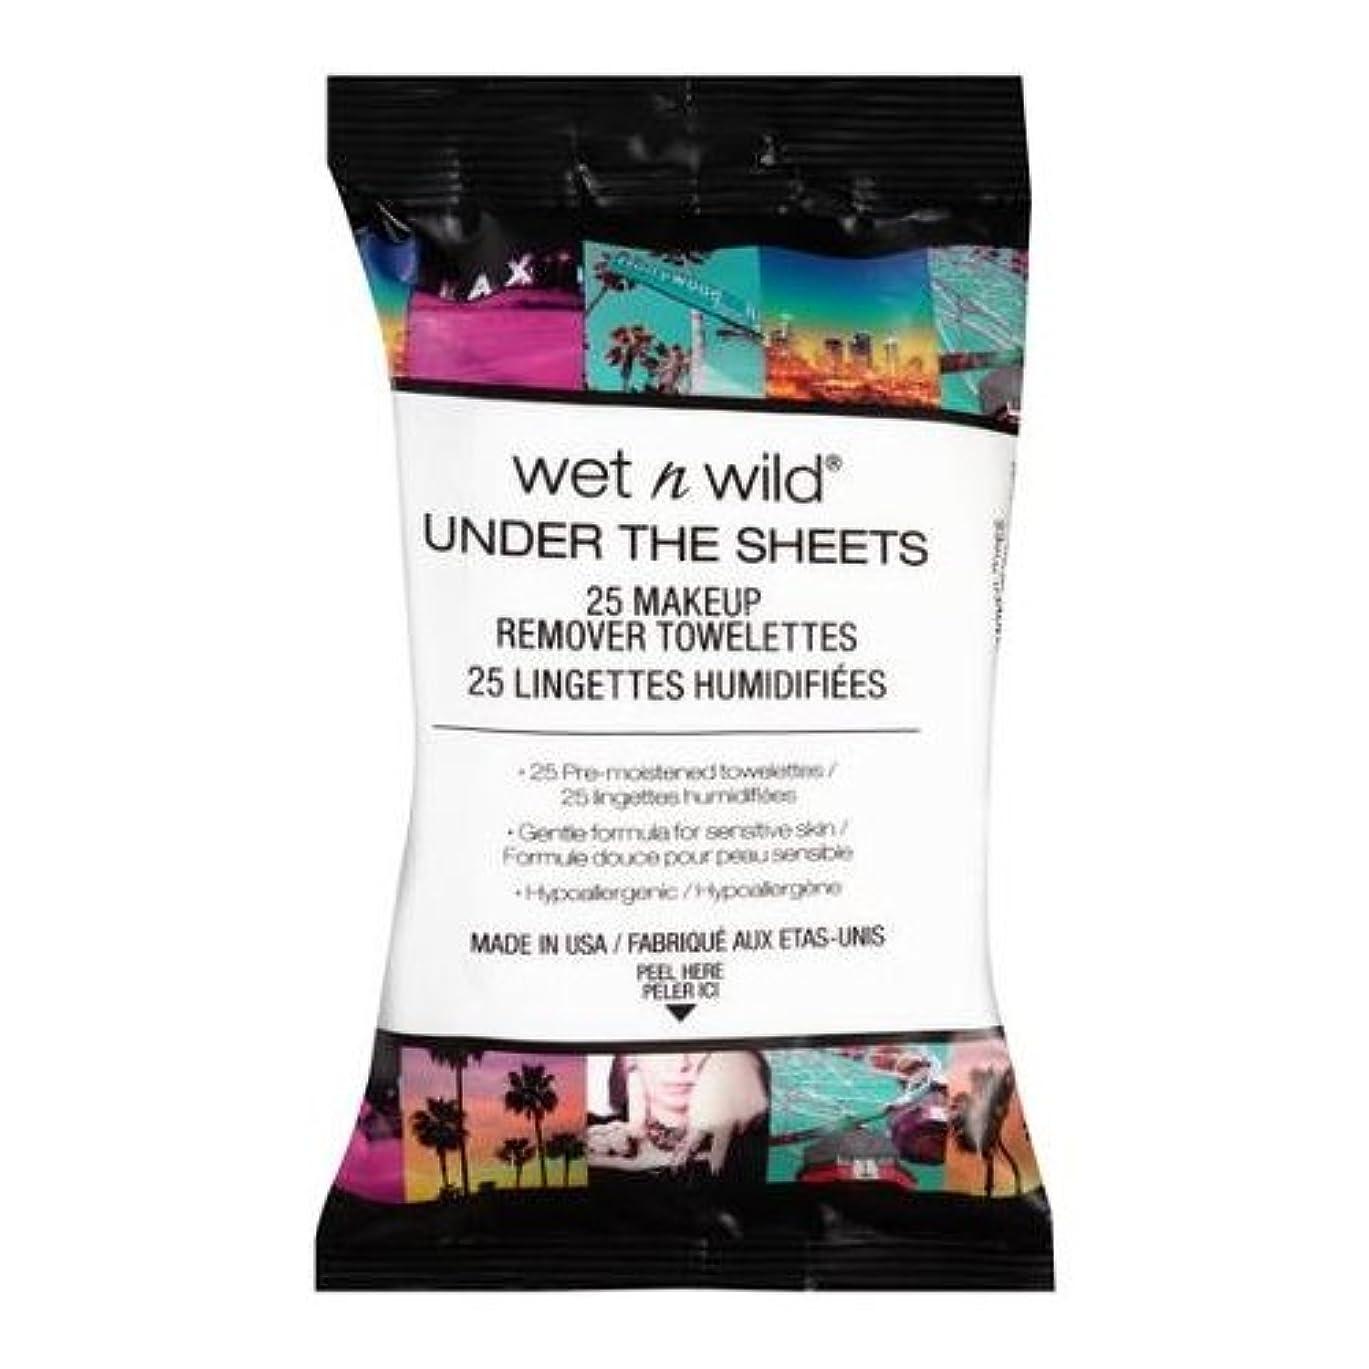 難しいベアリングサークル浪費(3 Pack) WET N WILD Under the Sheets Makeup Remover Wipes - 25 Towelettes (並行輸入品)